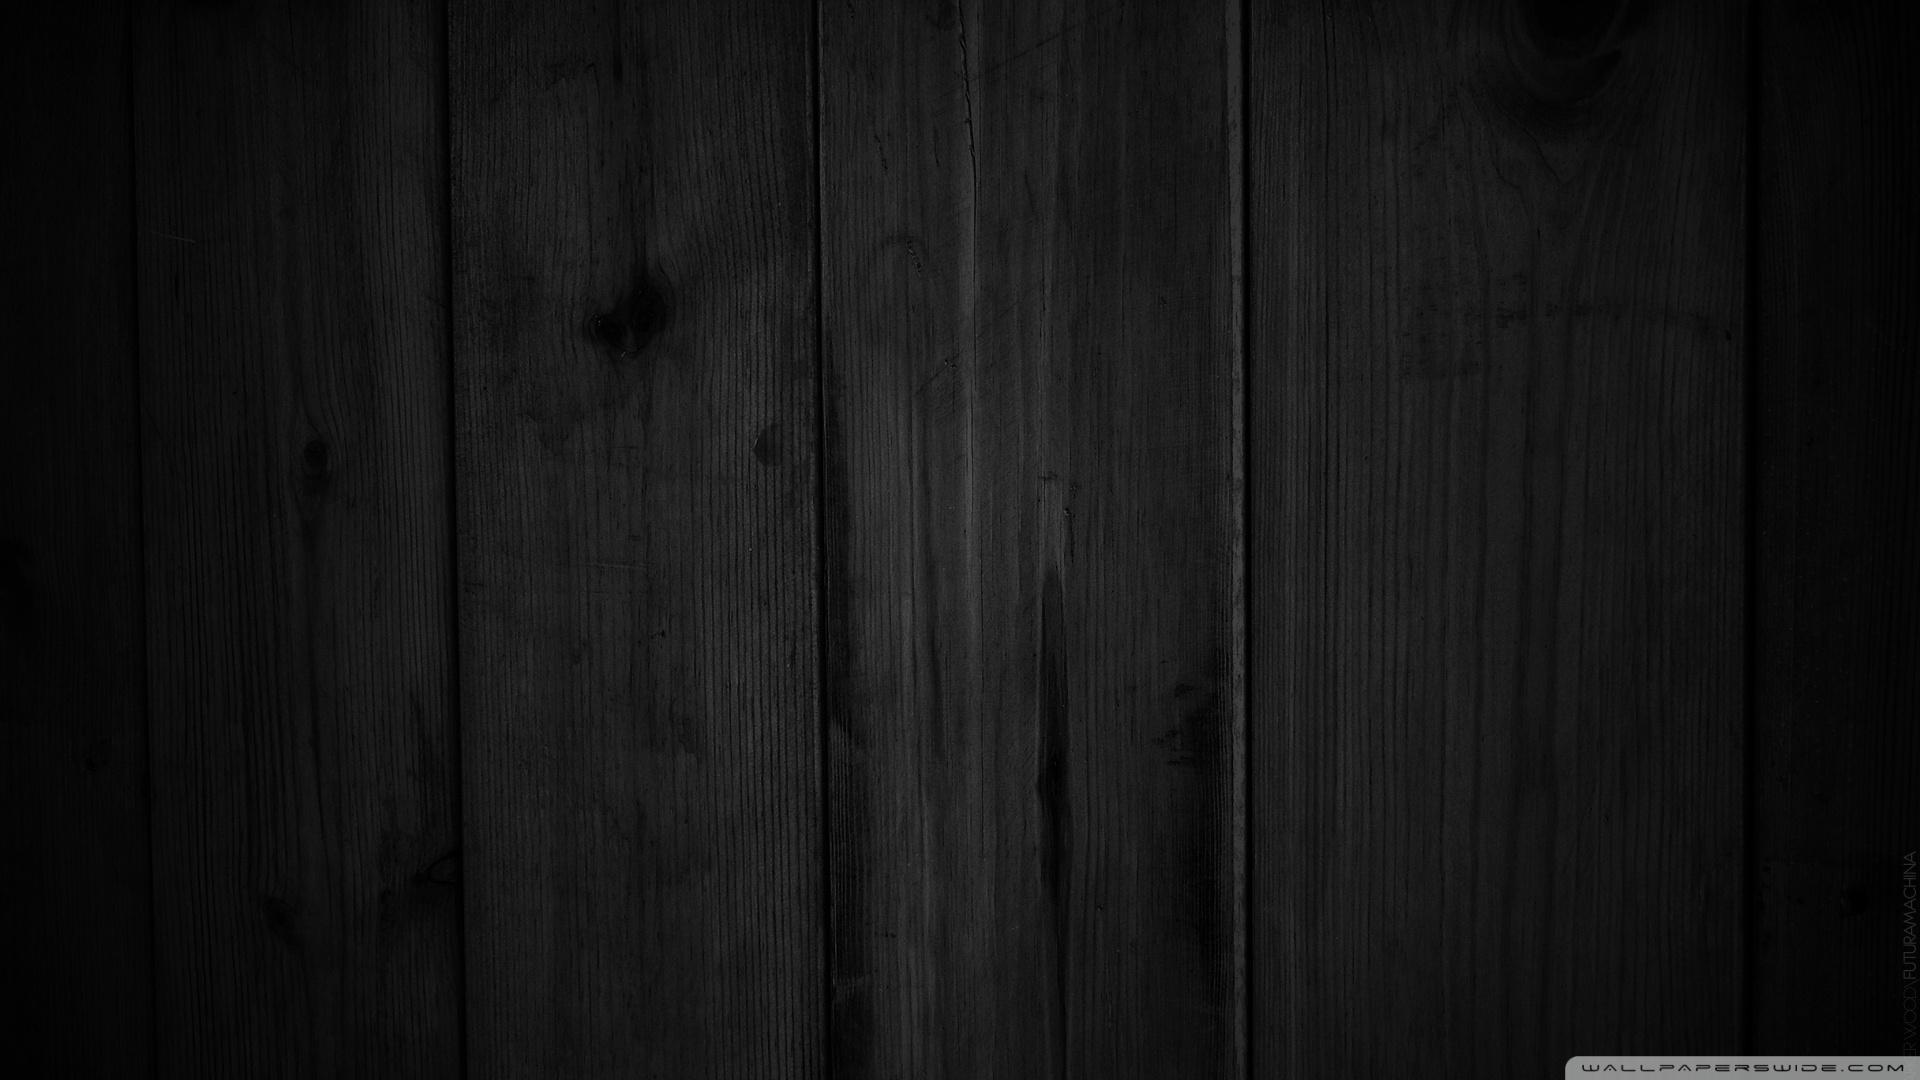 Download Dark Wood Wall Wallpaper Xx